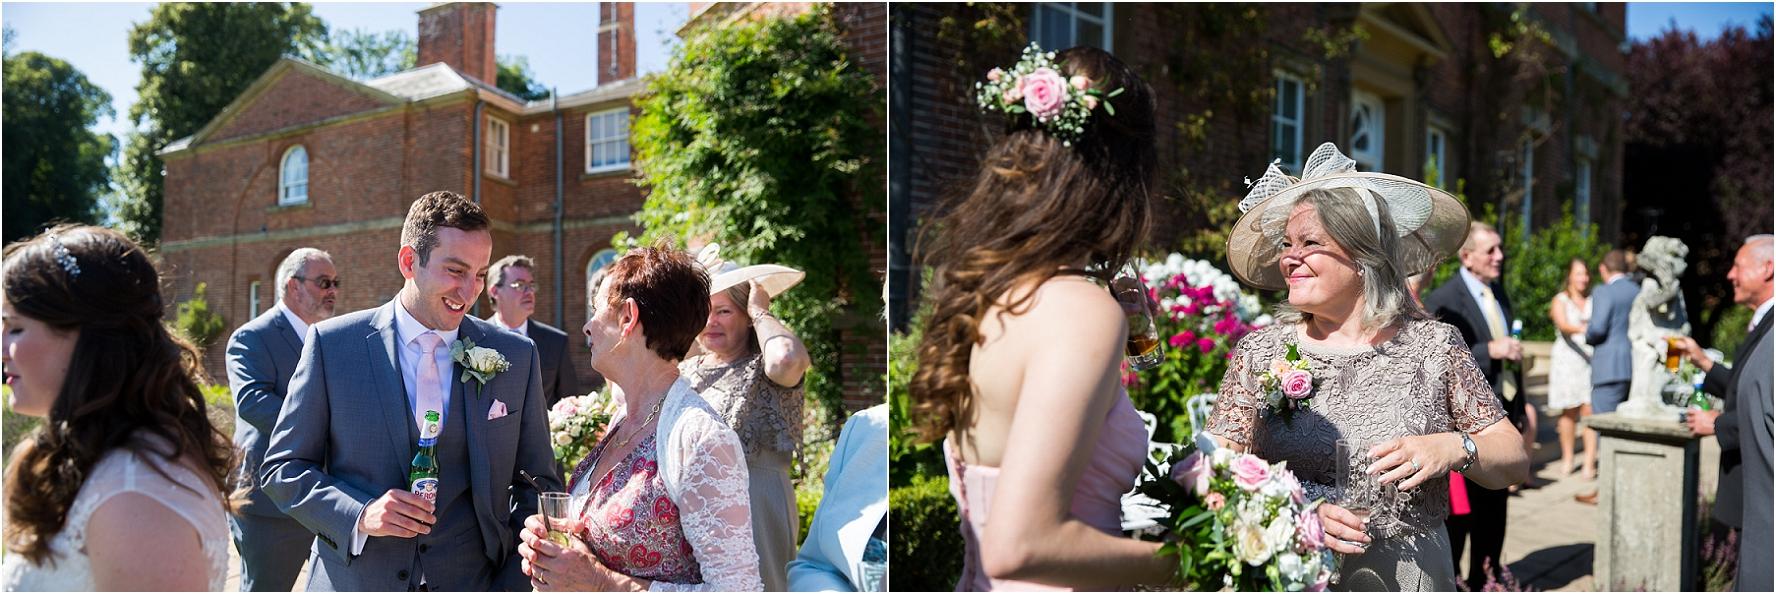 wedding-photography-norwood-park_0033